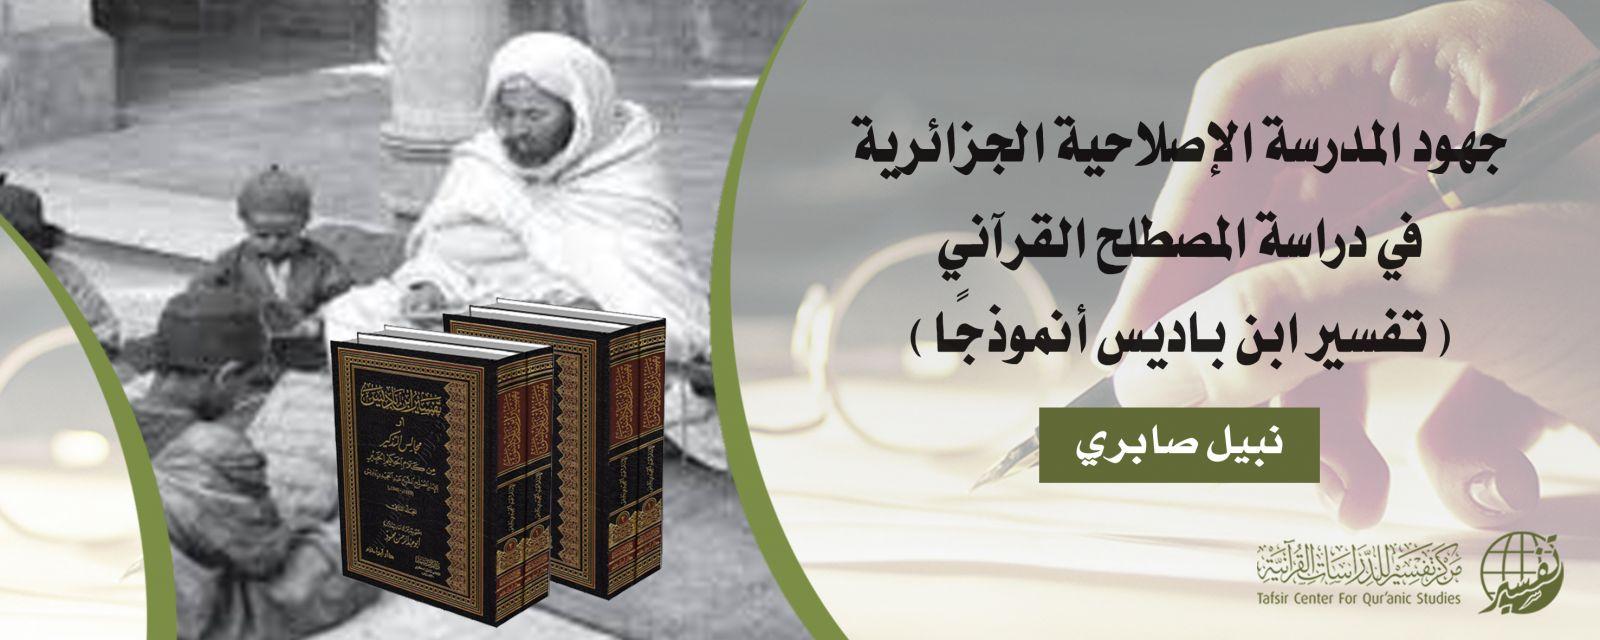 جهود المدرسة الإصلاحية الجزائرية في دراسة المصطلح القرآني  –تفسير ابن باديس أنموذجًا-